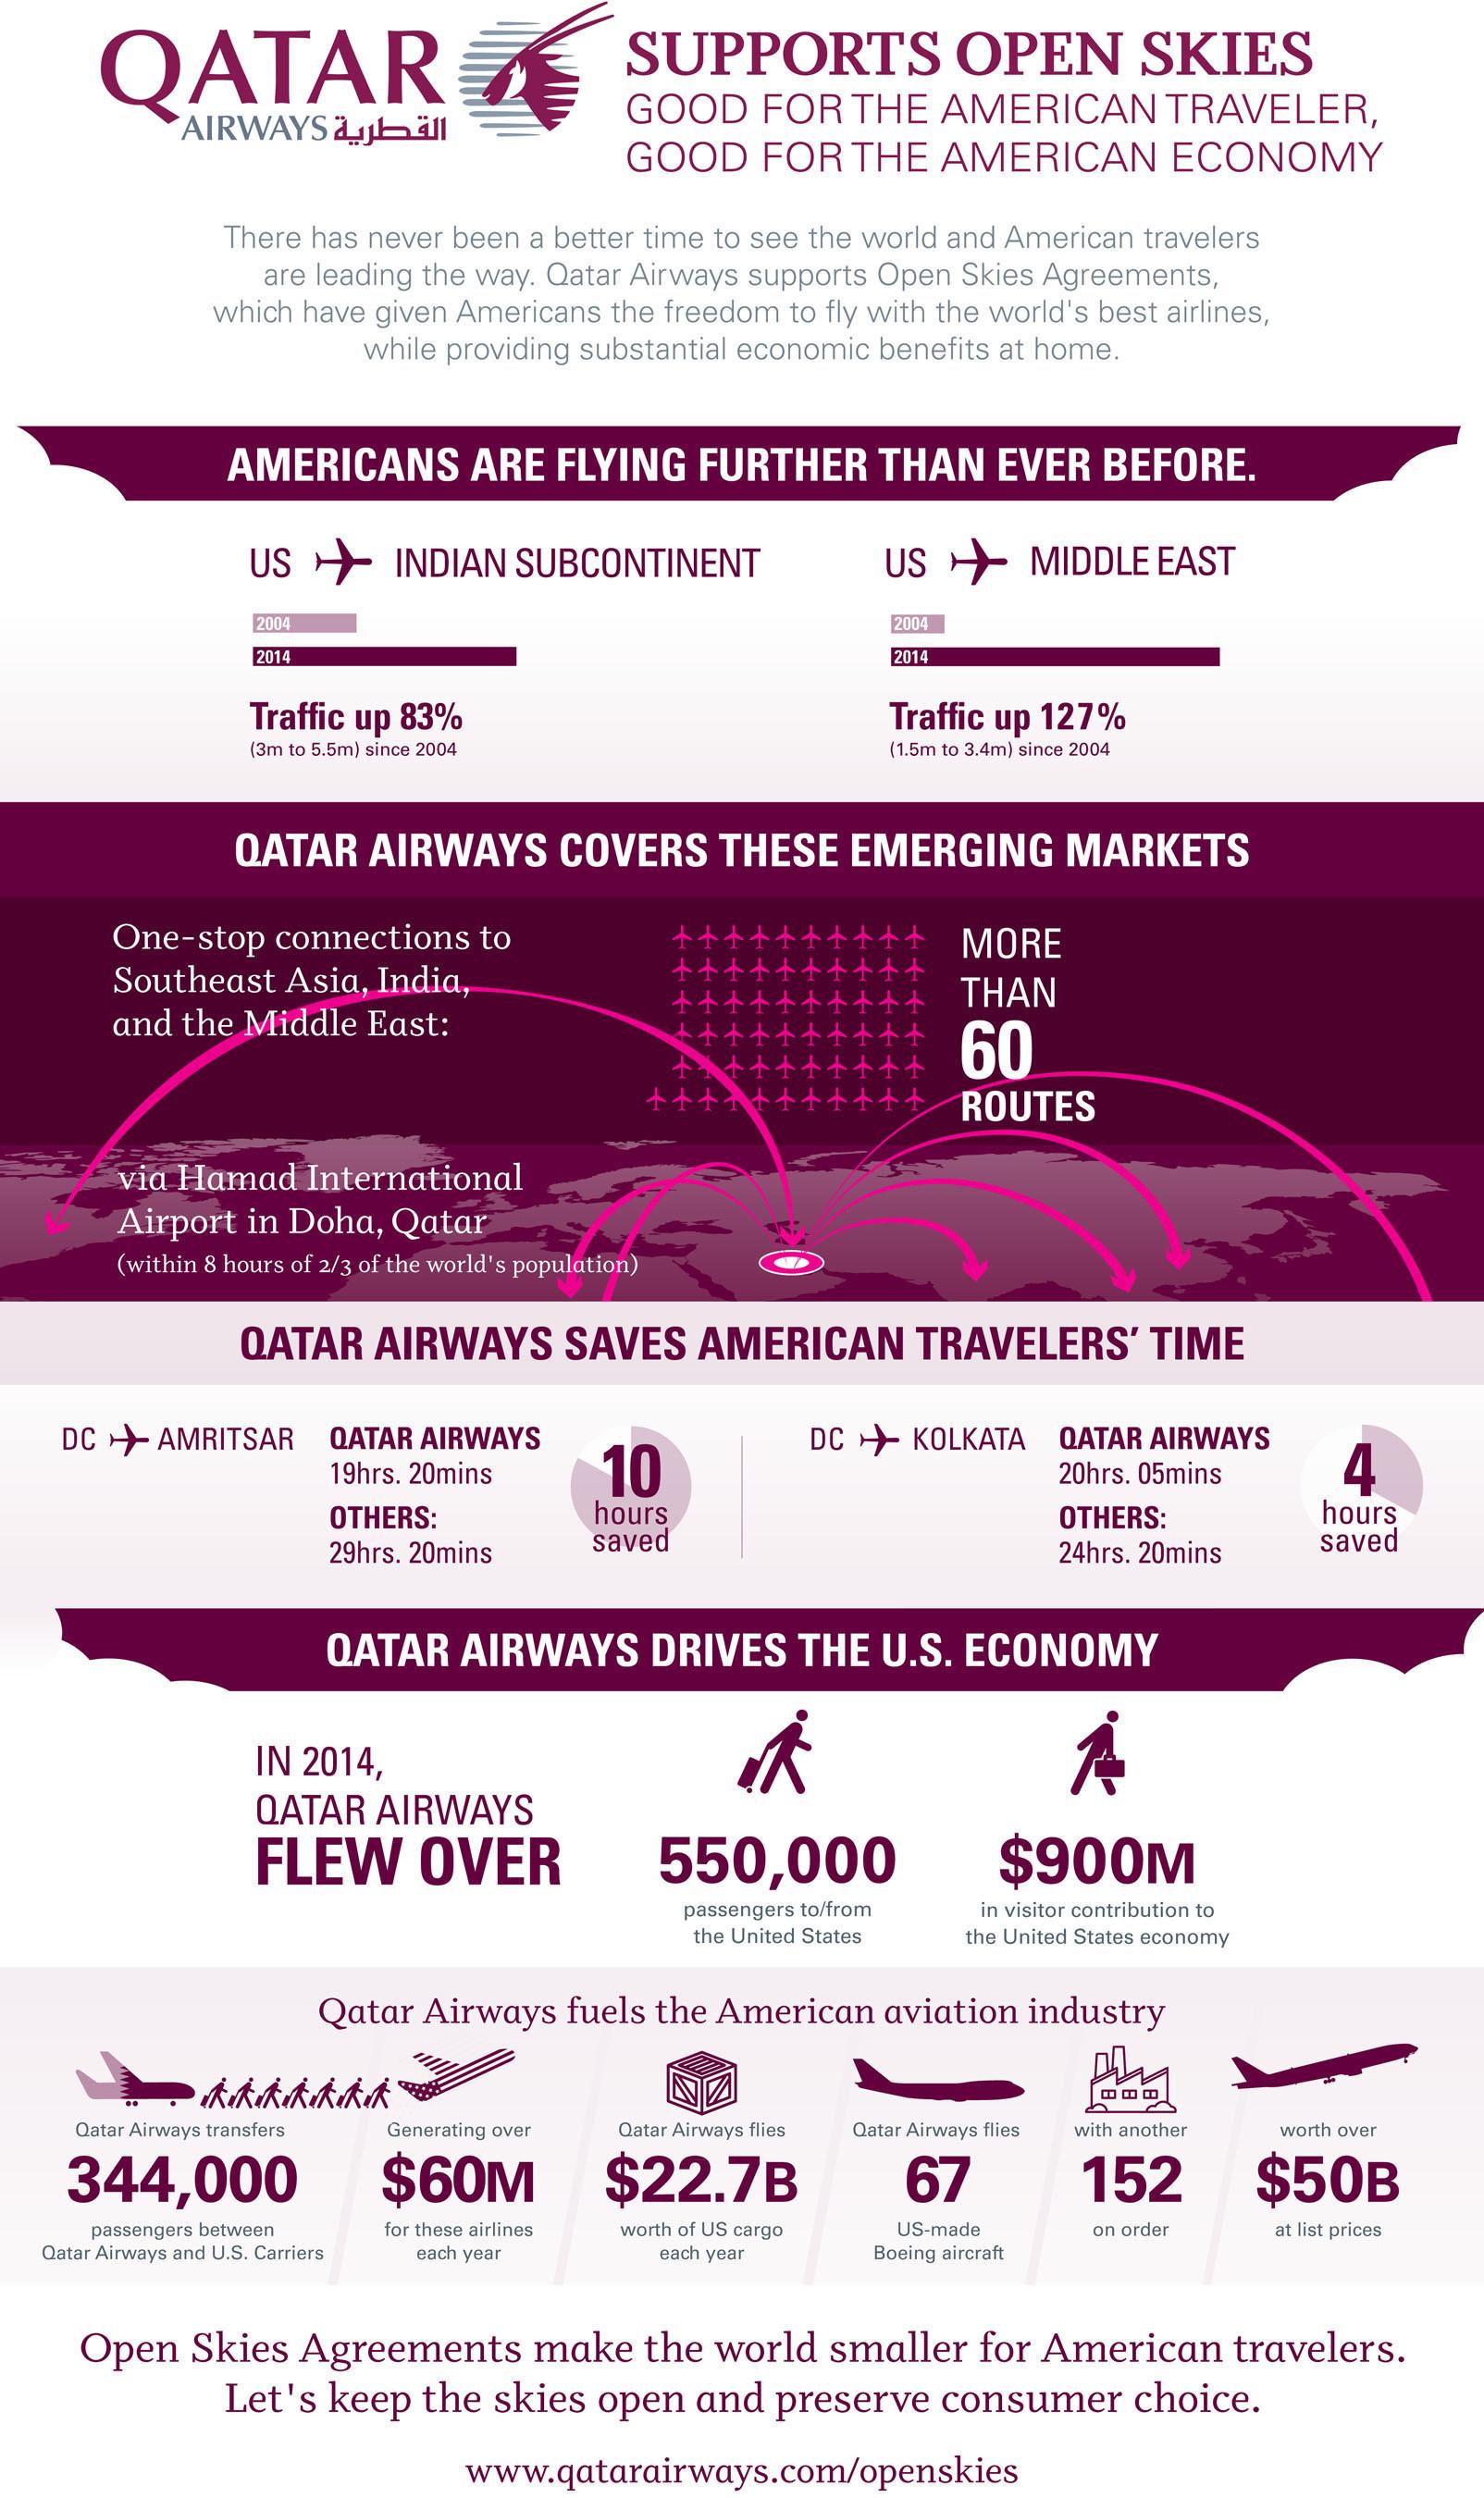 Qatar Airways Supports 'Open Skies'